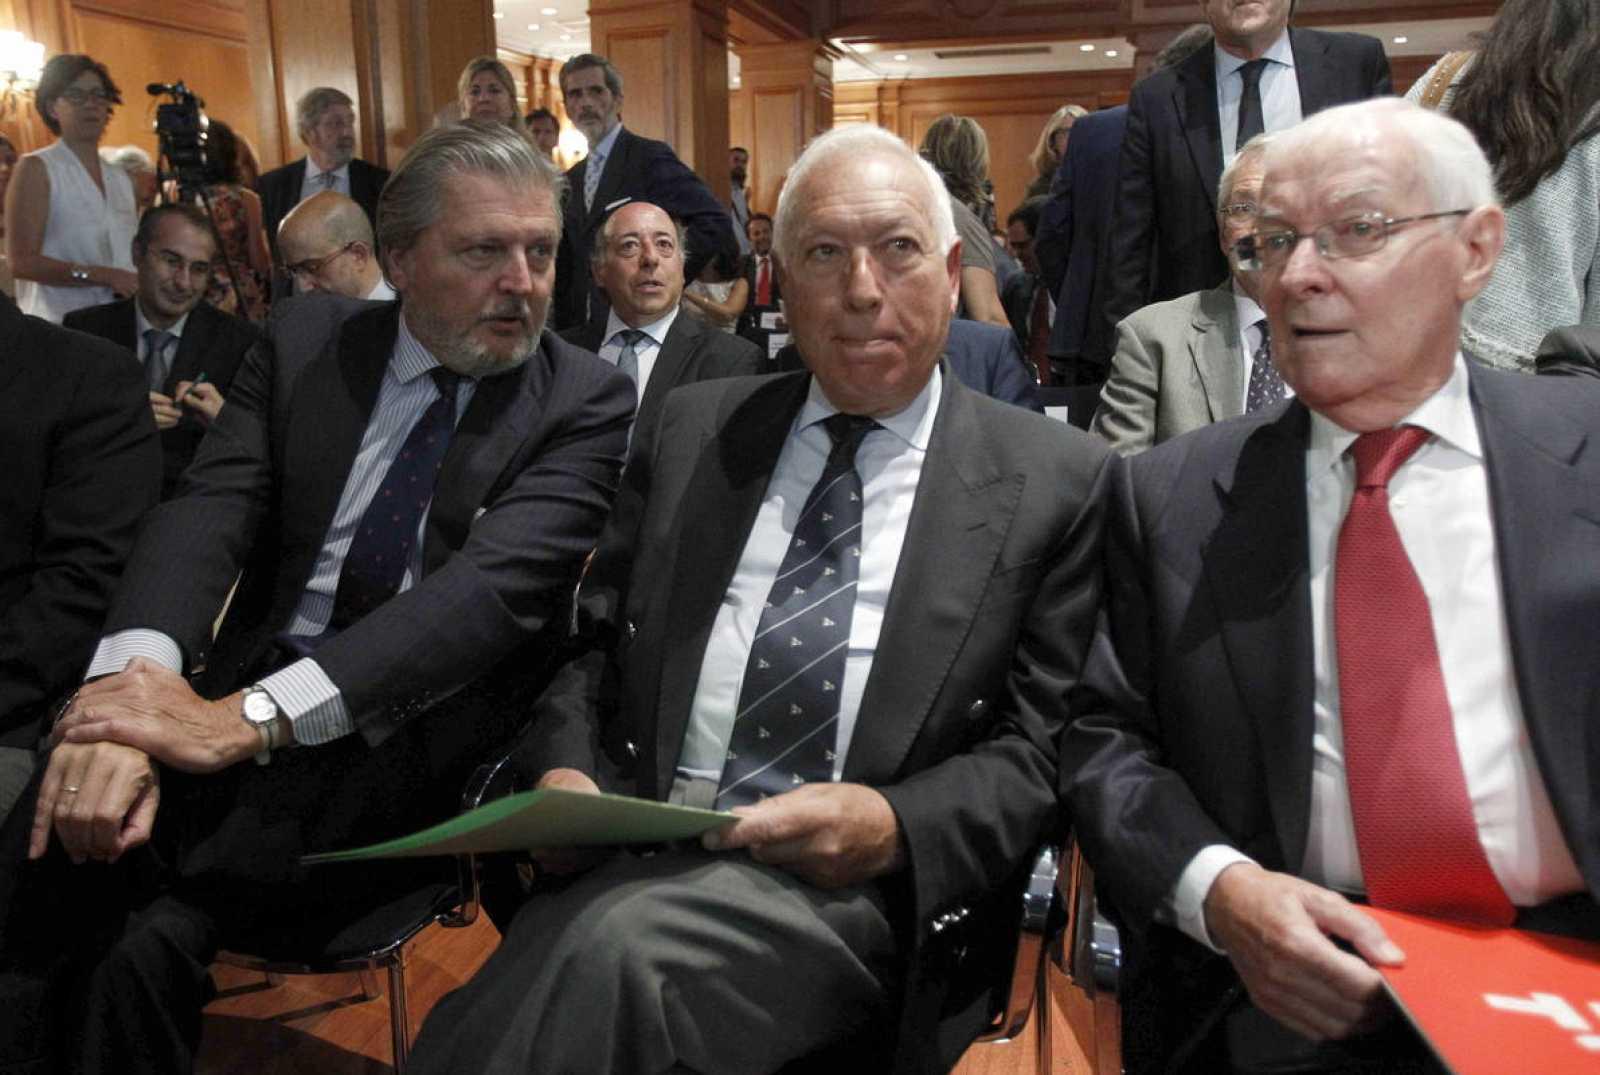 El ministro de Asuntos Exteriores, José Manuel García Margallo, en el centro, con el de Educación, Íñigo Méndez de Vigo, y el director del Instituto Cervantes, Víctor García de la Concha.